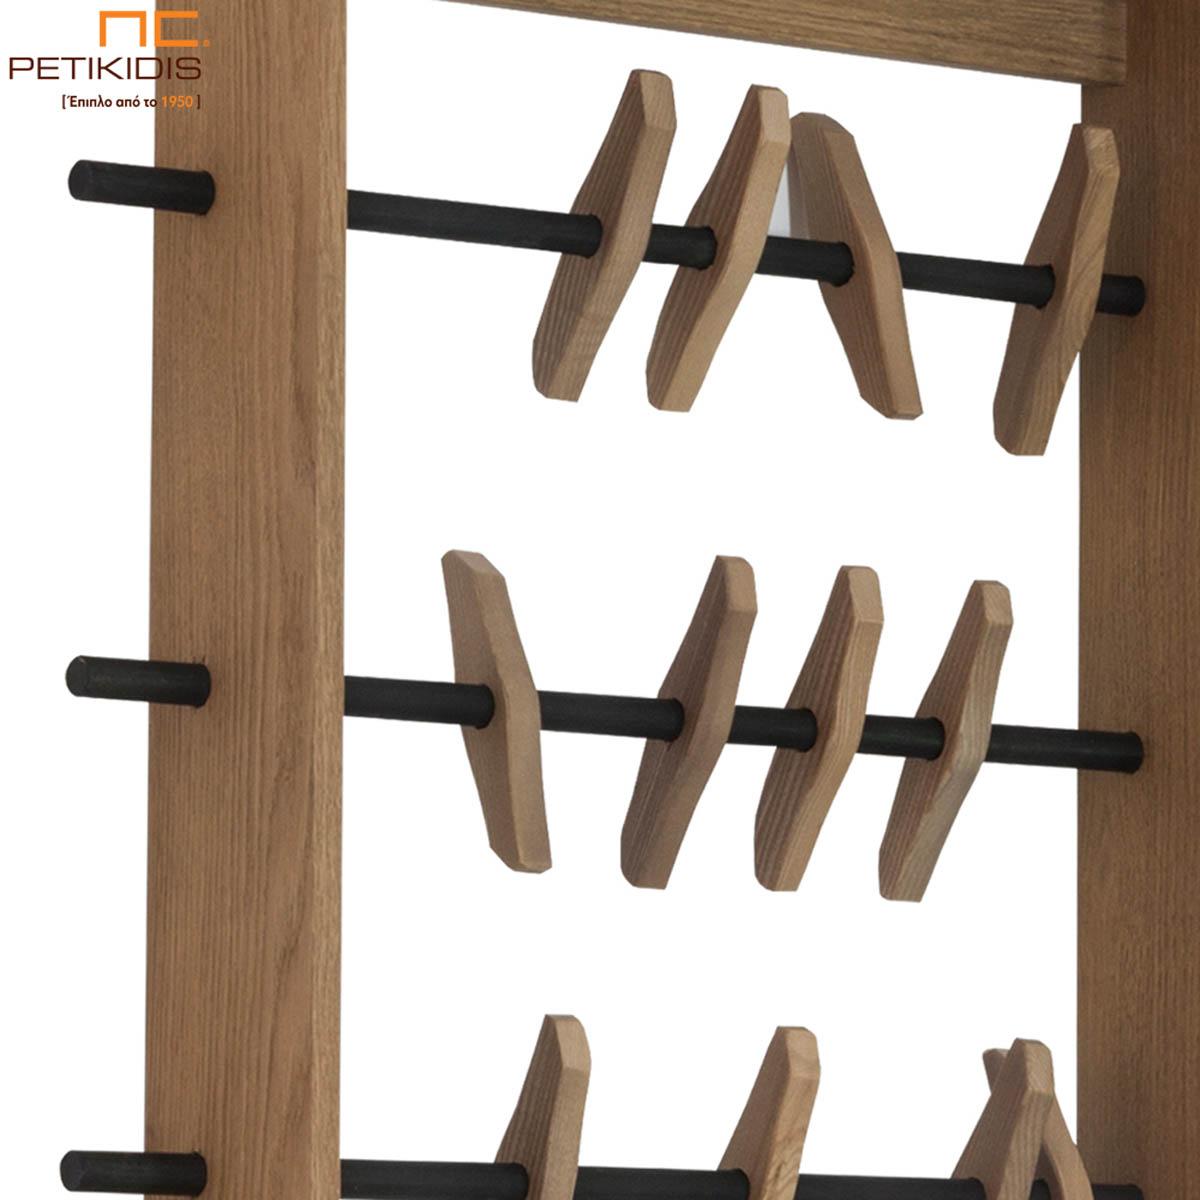 Κρεμάστρα Cliff από ξύλο δρυς και μεταλλικά στοιχεία. Ο ιδιαίτερος σχεδιασμός του δίνει μια αισθητική γλυπτού στο χώρο και είναι ιδανικό για χώρους εισόδου, σαλονιού και υπνοδωματίων. Λεπτομέρεια.